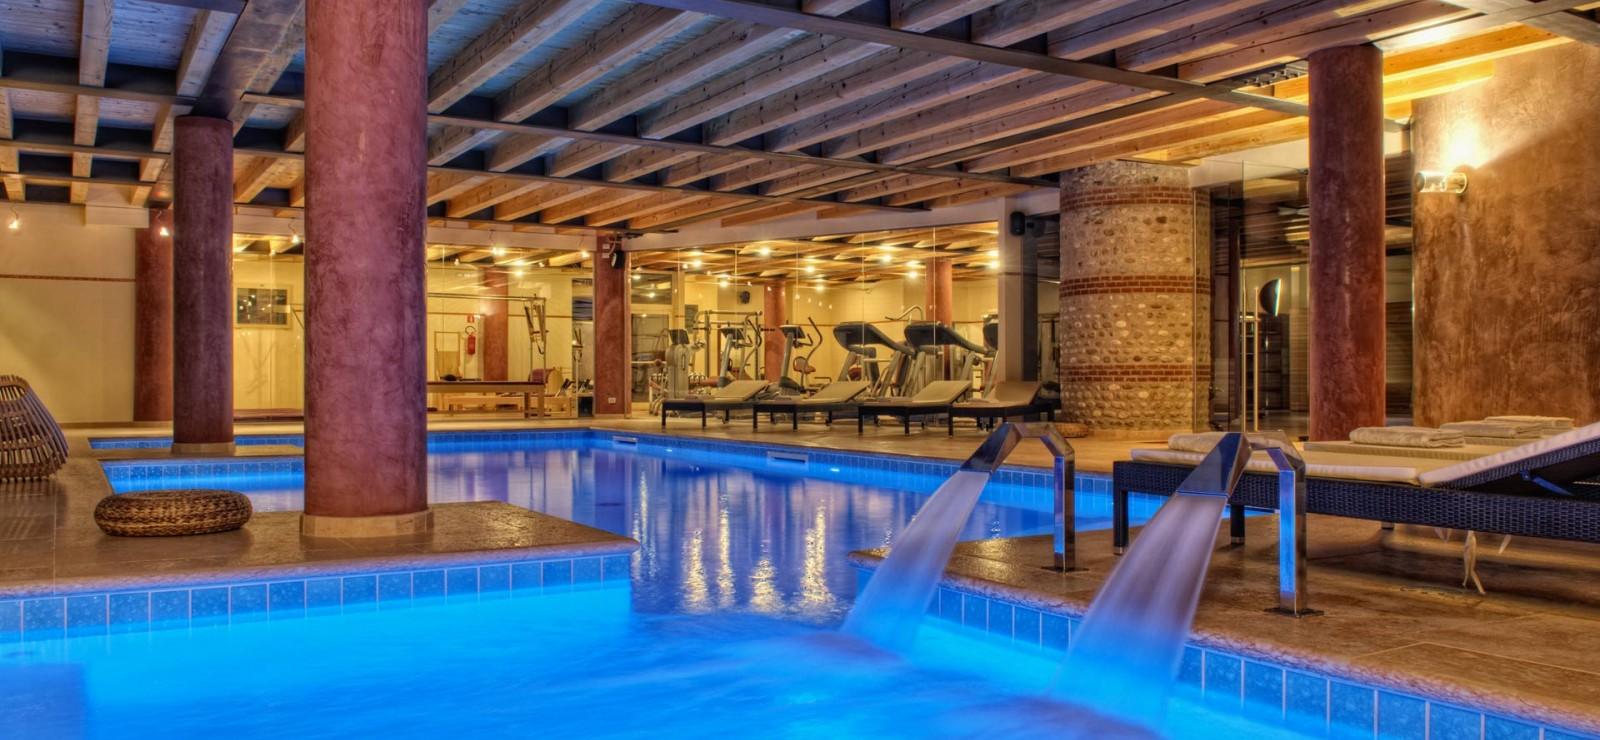 Hotel Veronesi la Torre Bilder | Bild 1